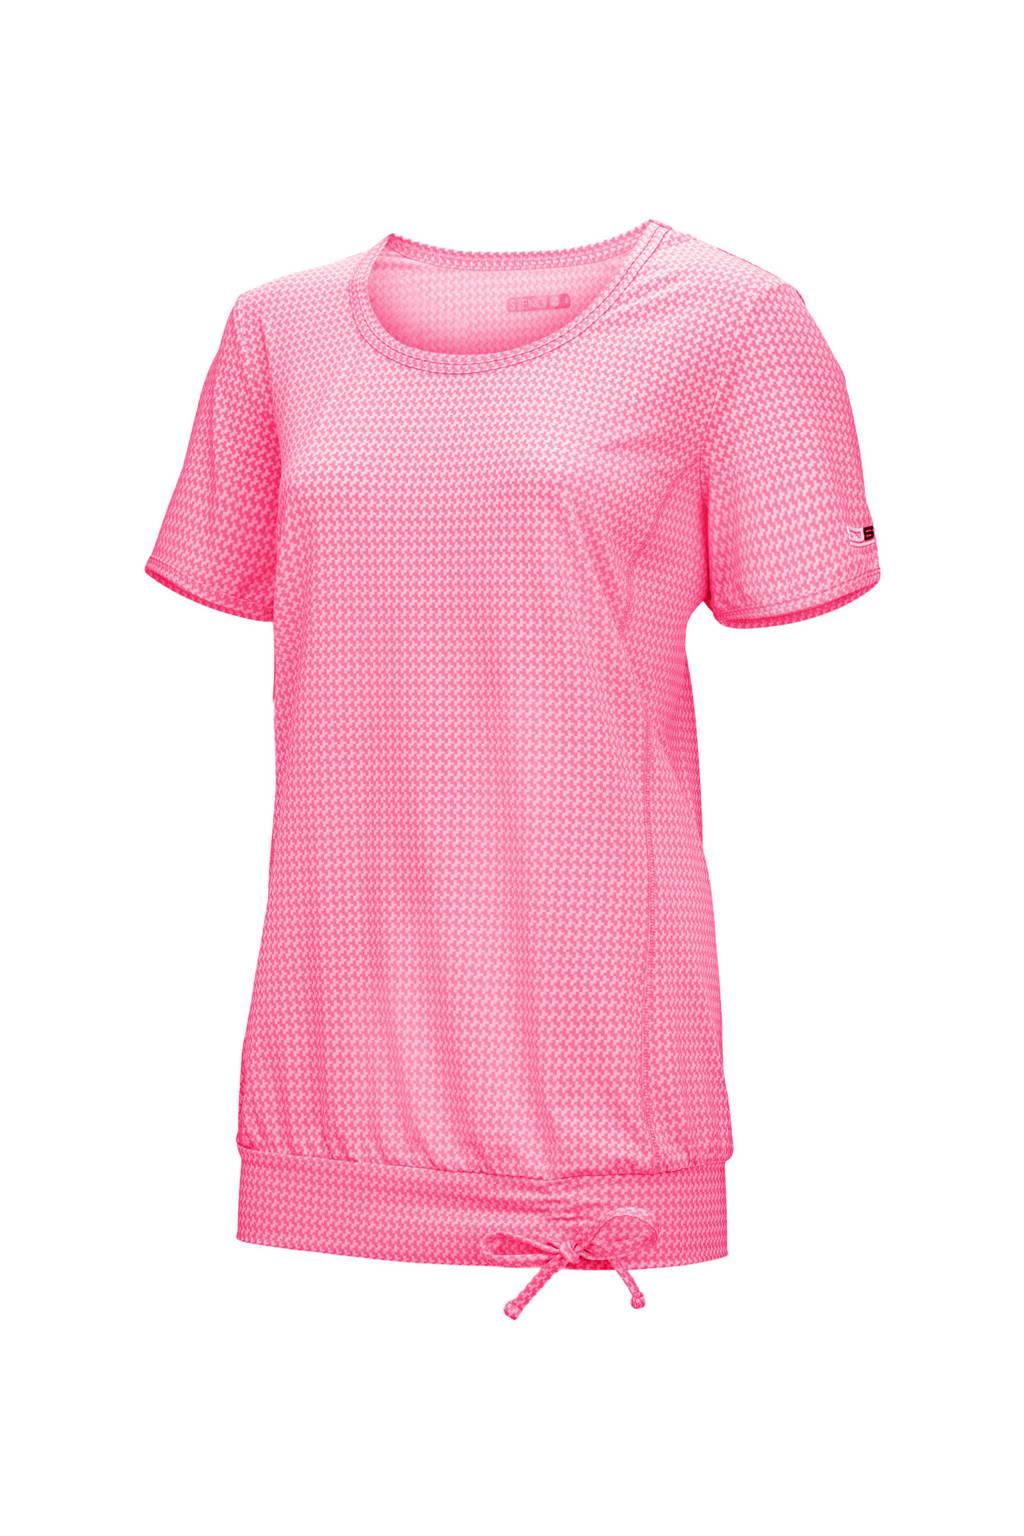 Sjeng Sports Plus Size sport T-shirt Balana roze, Roze